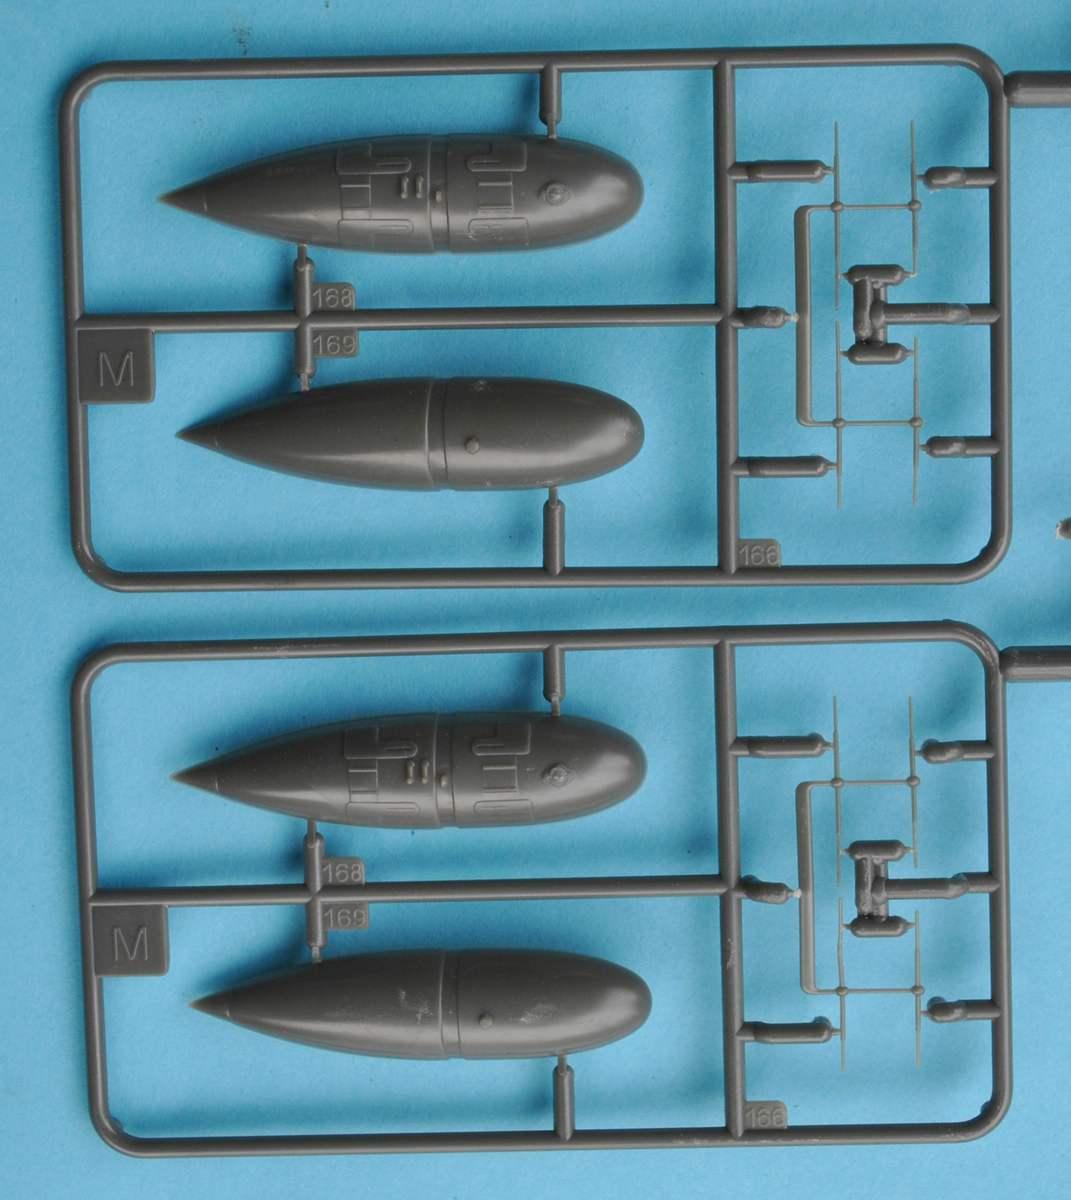 Revell-Me-262B-Testshot-Spritzling-M-2 Messerschmitt Me 262 B-1a Testshot von Revell 1:32